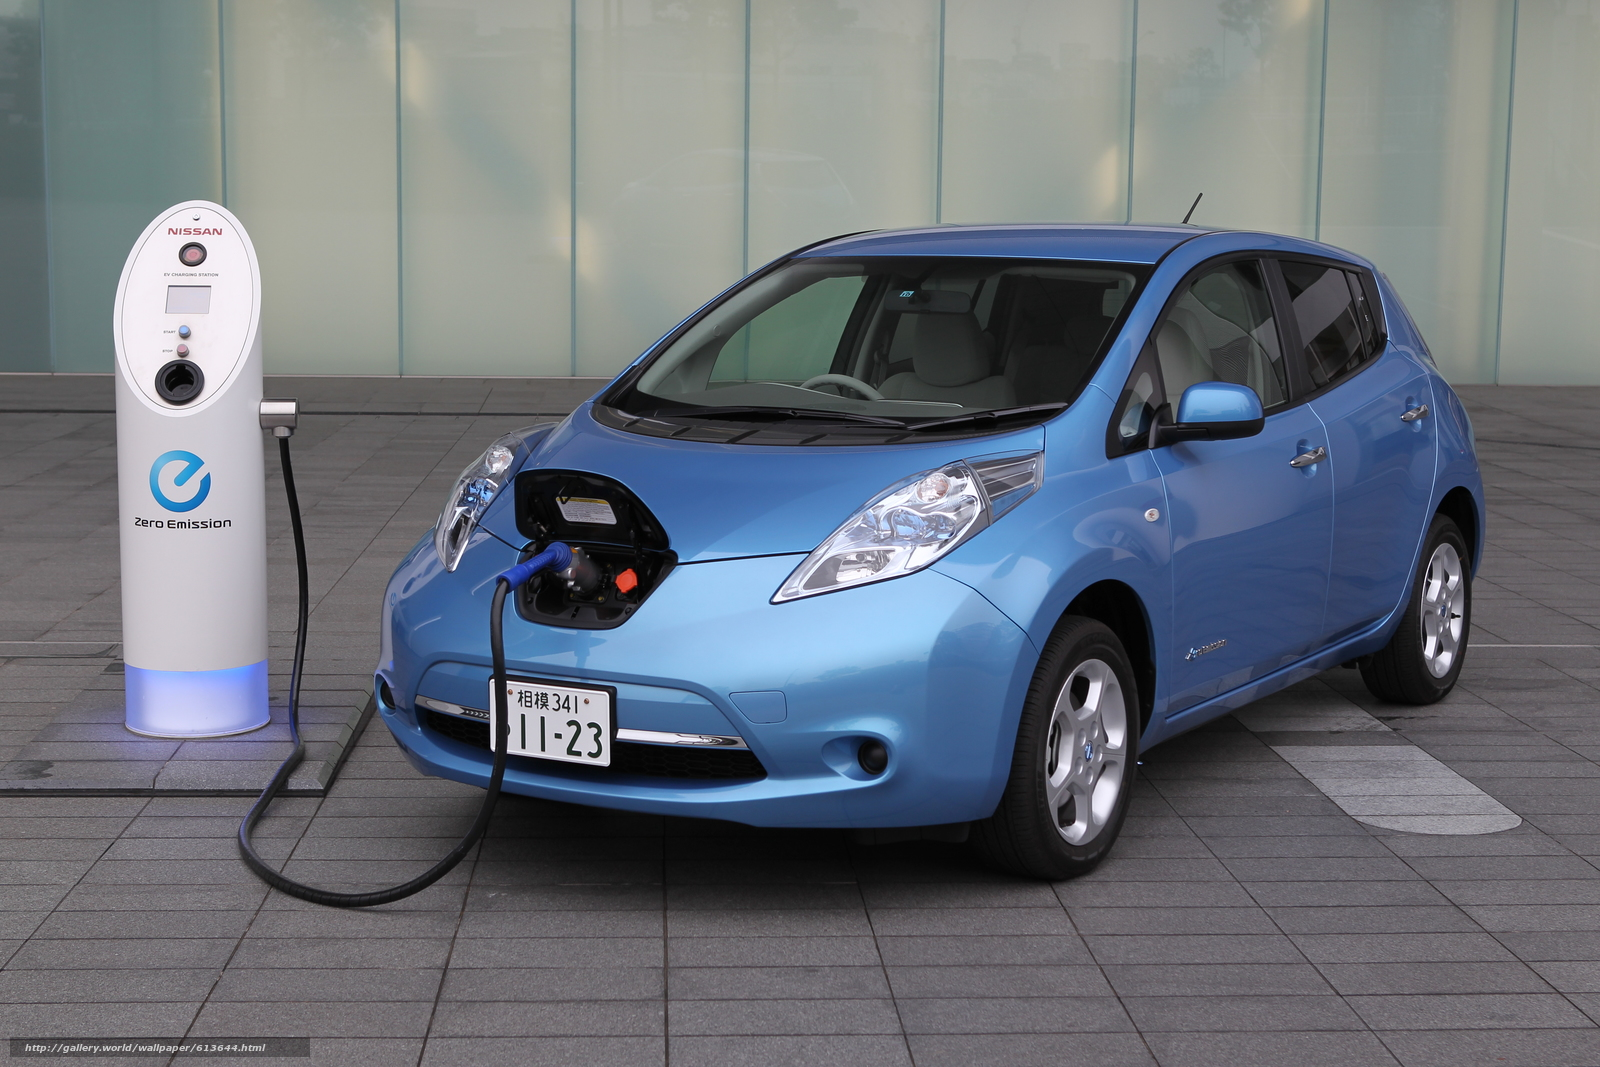 Download Hintergrund Elektrisch,  Nissan,  Nissan,  Maschine Freie desktop Tapeten in der Auflosung 4896x3264 — bild №613644